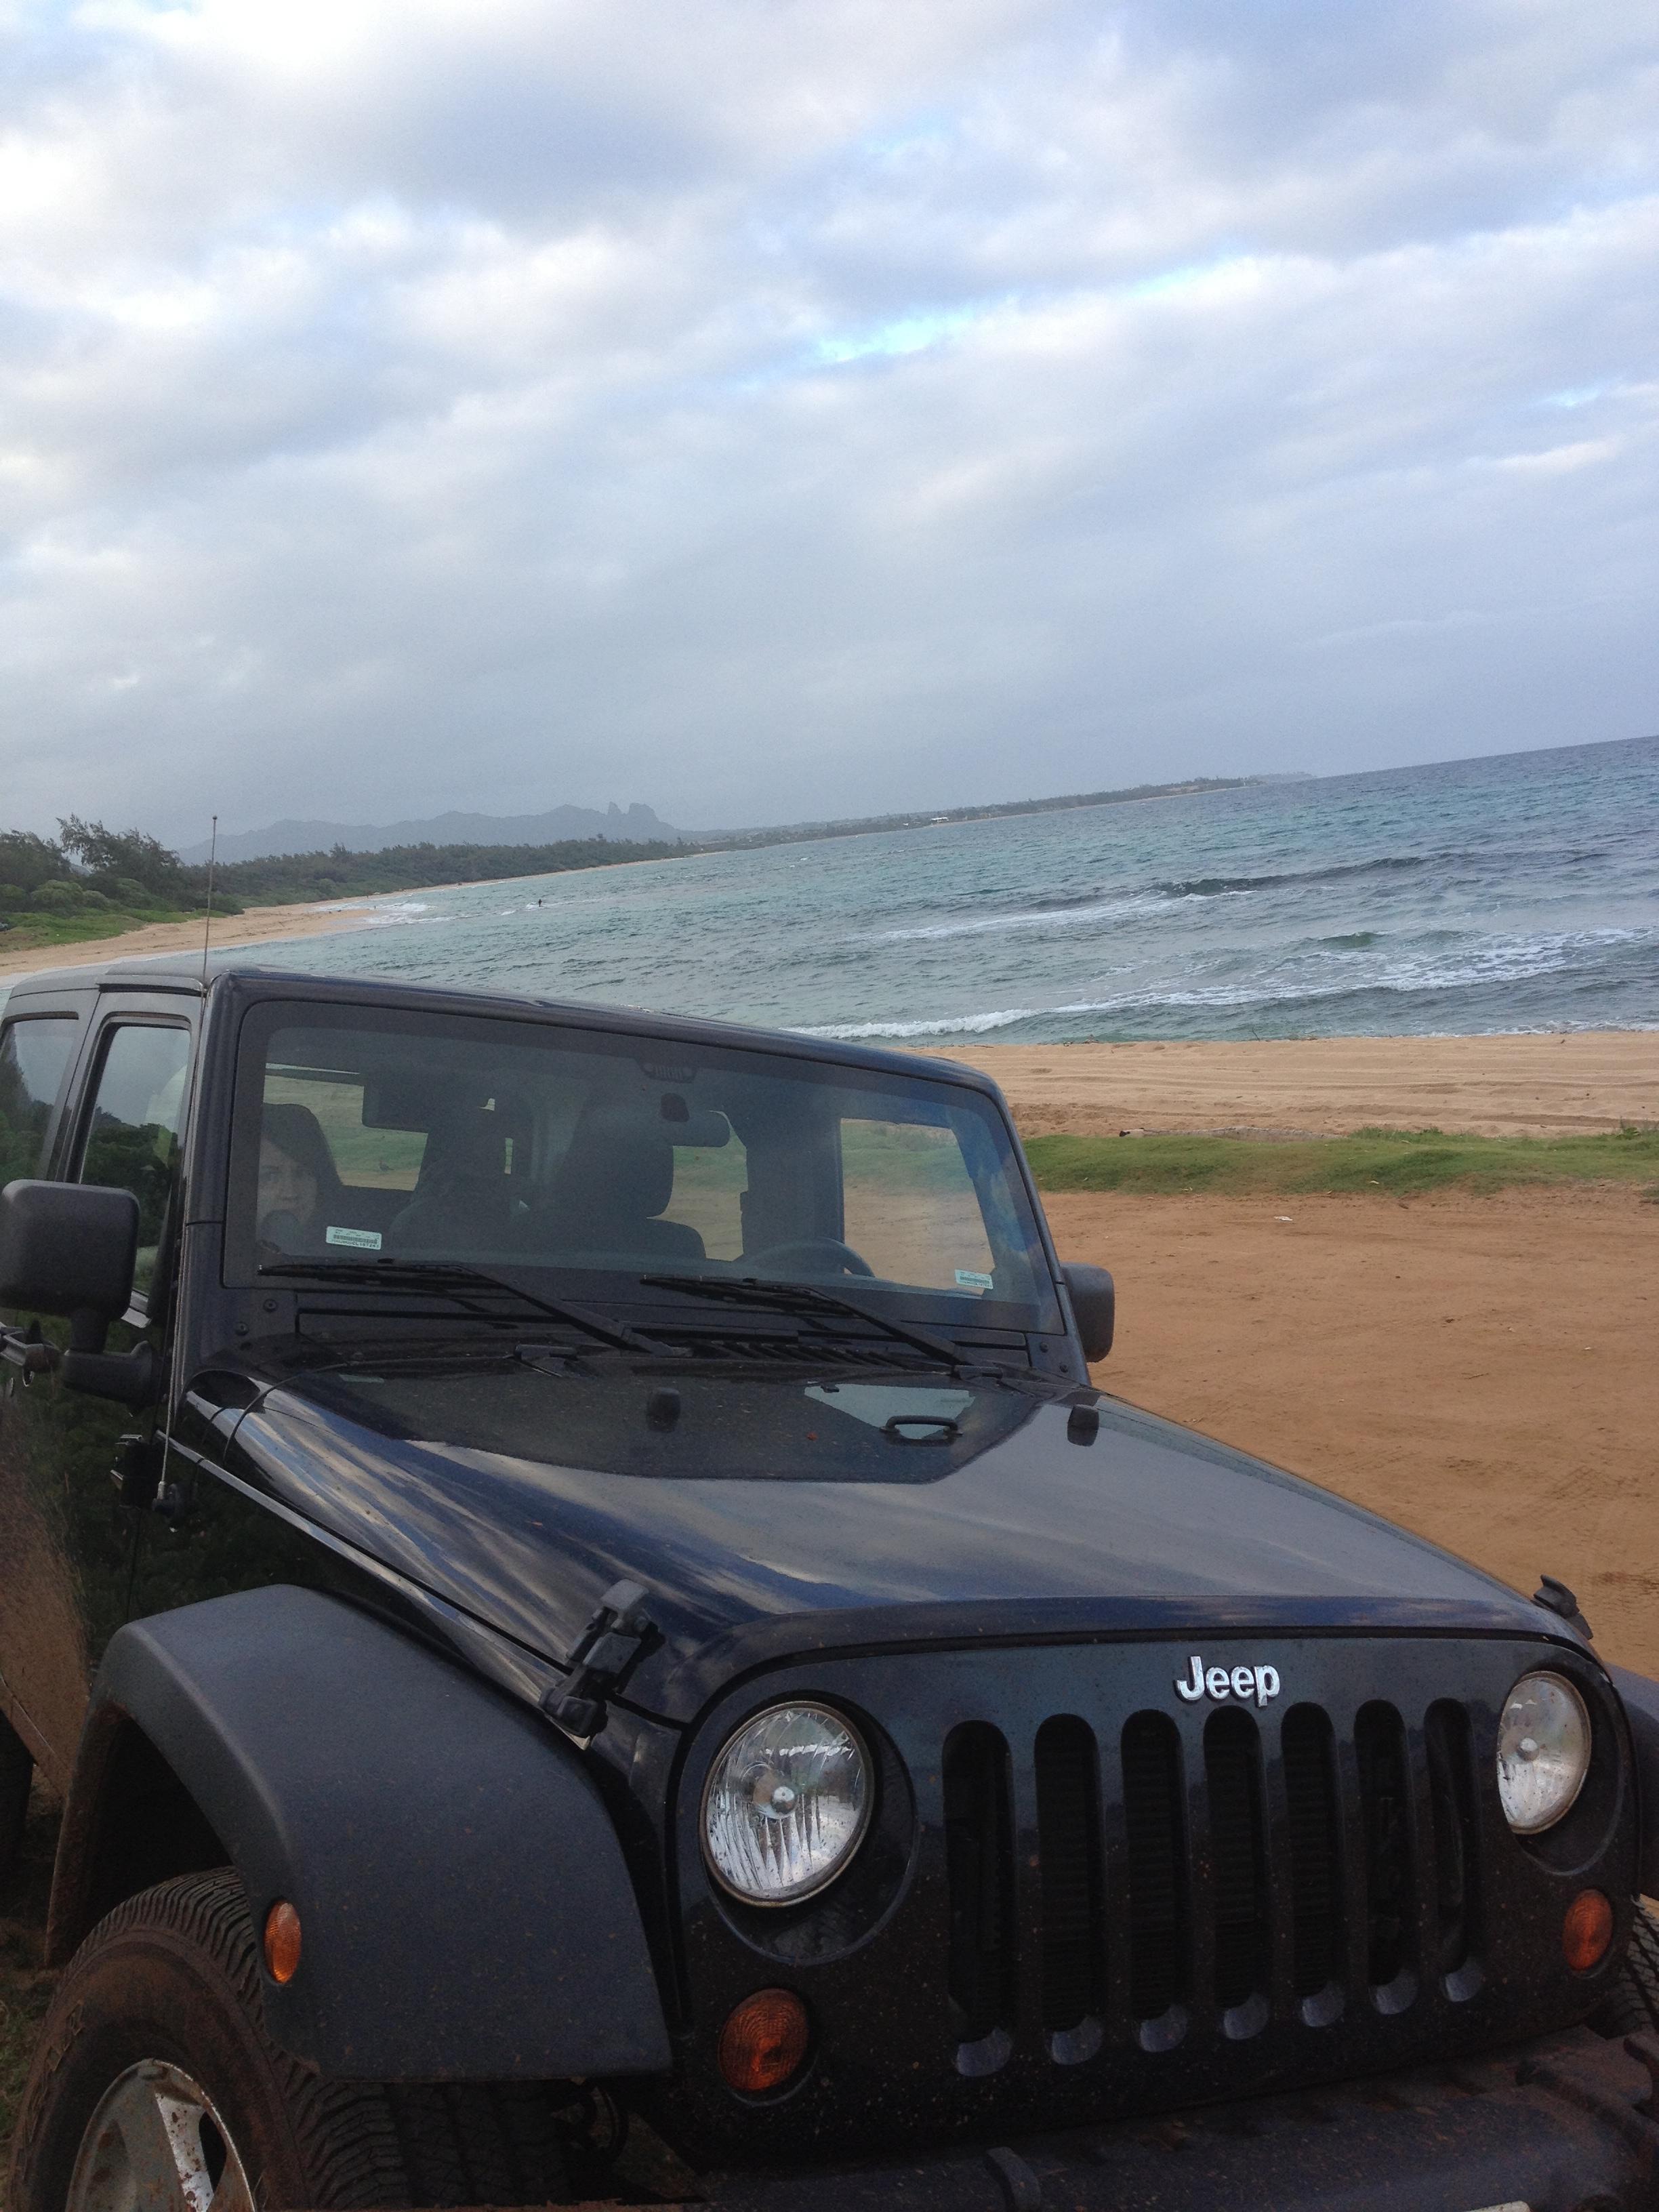 Jeep on the Beach_Kauai.jpg